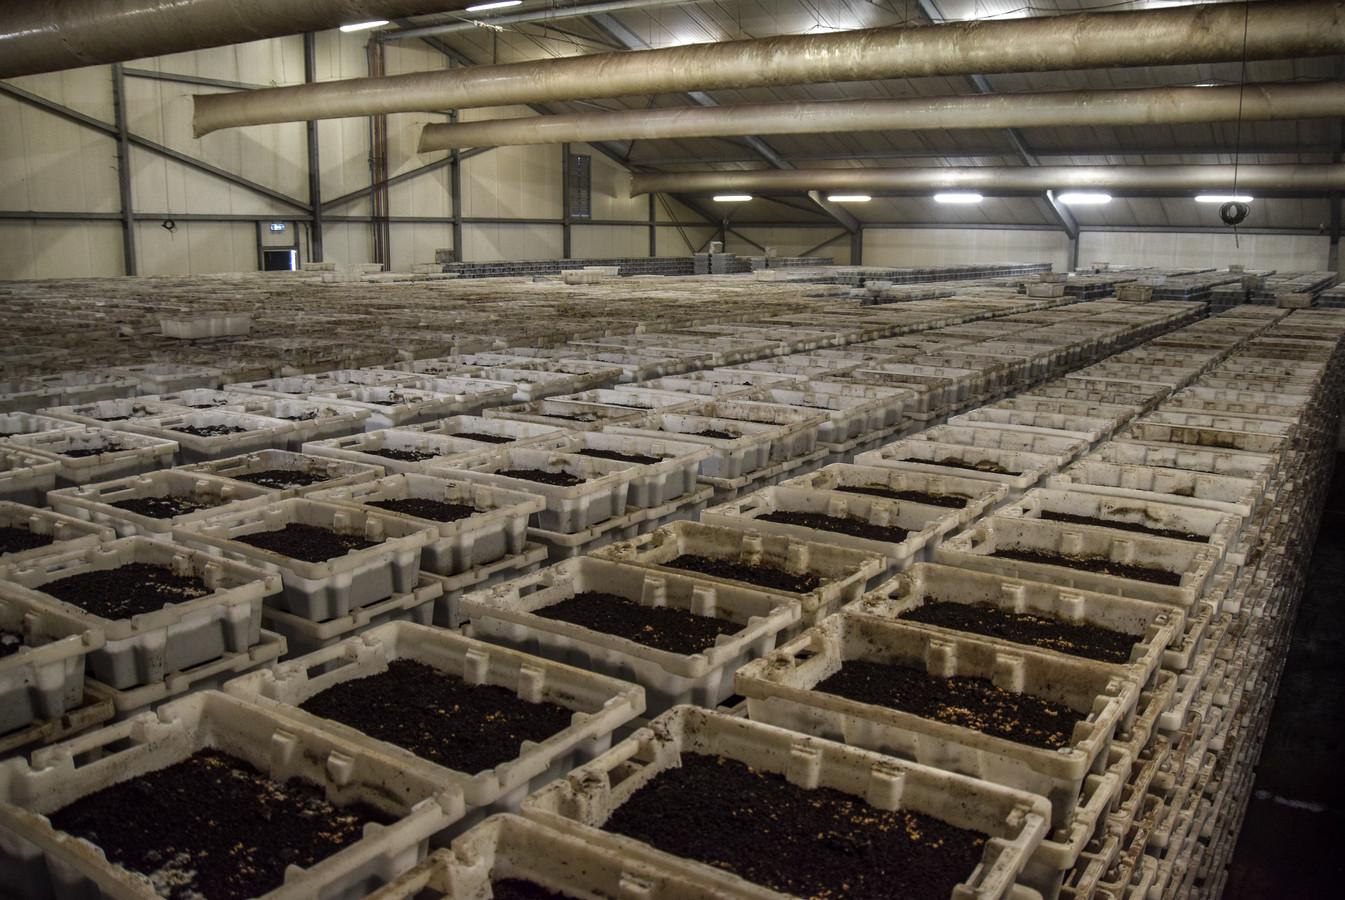 De wormenkwekerij in Almkerk wil uitbreiden. Omwonenden hebben daar bezwaar tegen.